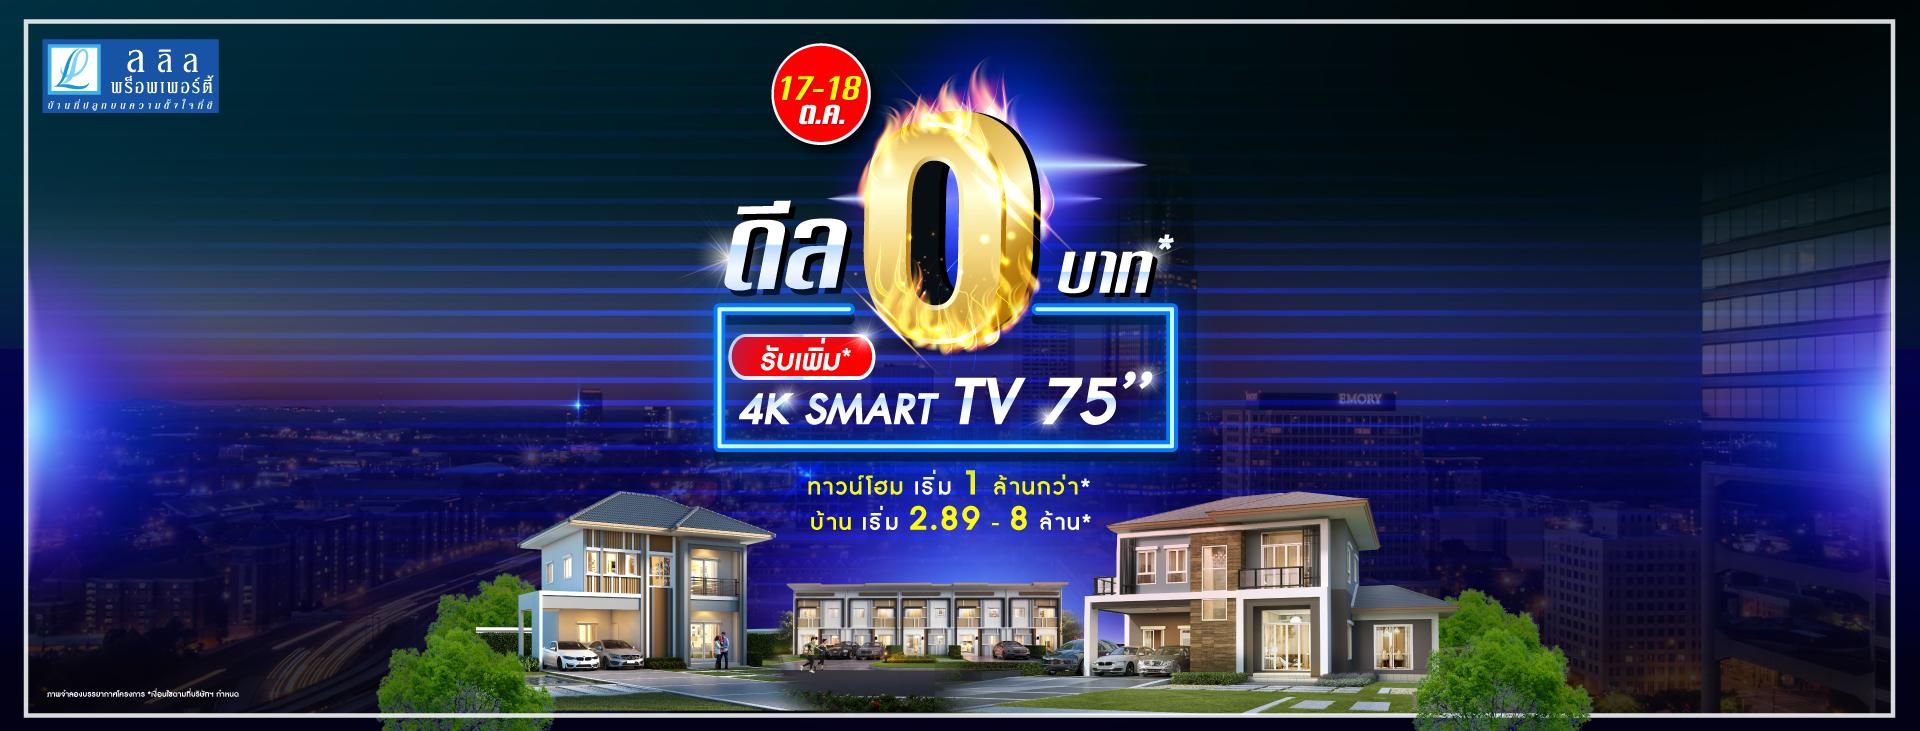 17-18 ต.ค.นี้ ดีล 0 บาท* รับเพิ่ม 4K SMART TV 75 นิ้ว  บ้านและทาวน์โฮม เริ่ม 1 ล้านกว่า – 8 ล้าน*